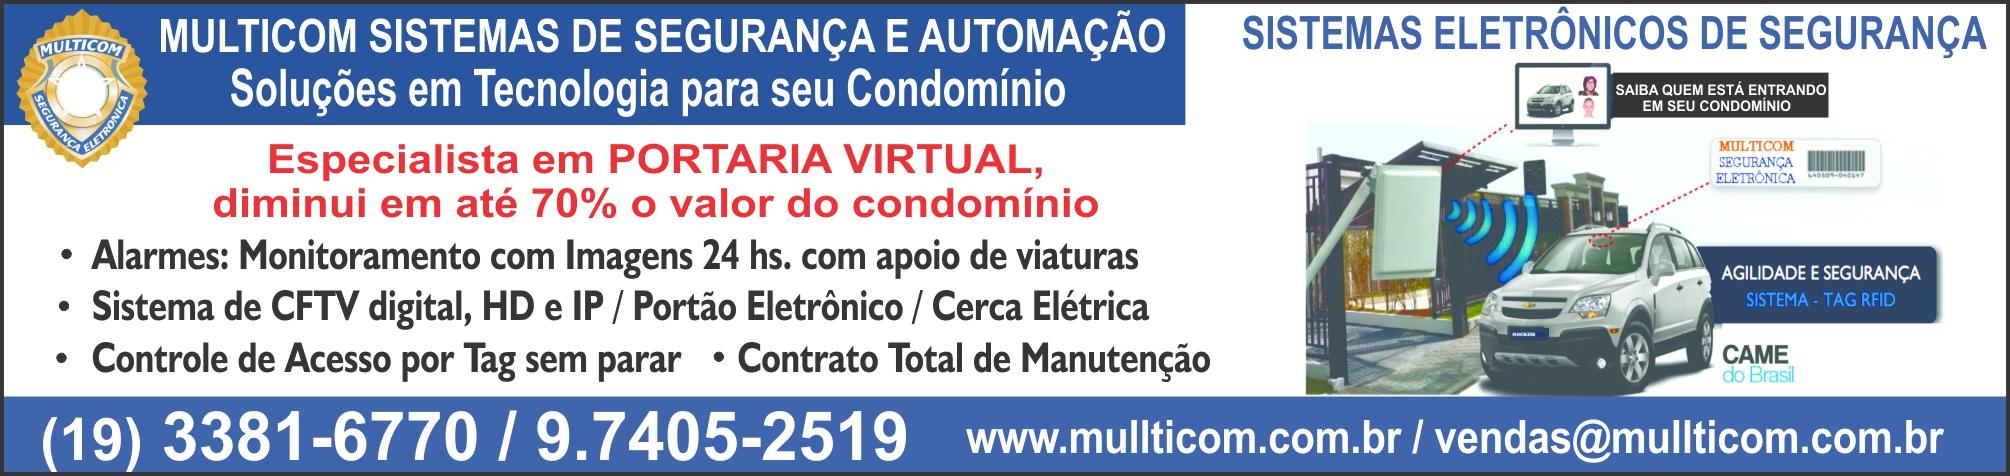 multicon-60-x-255-cor